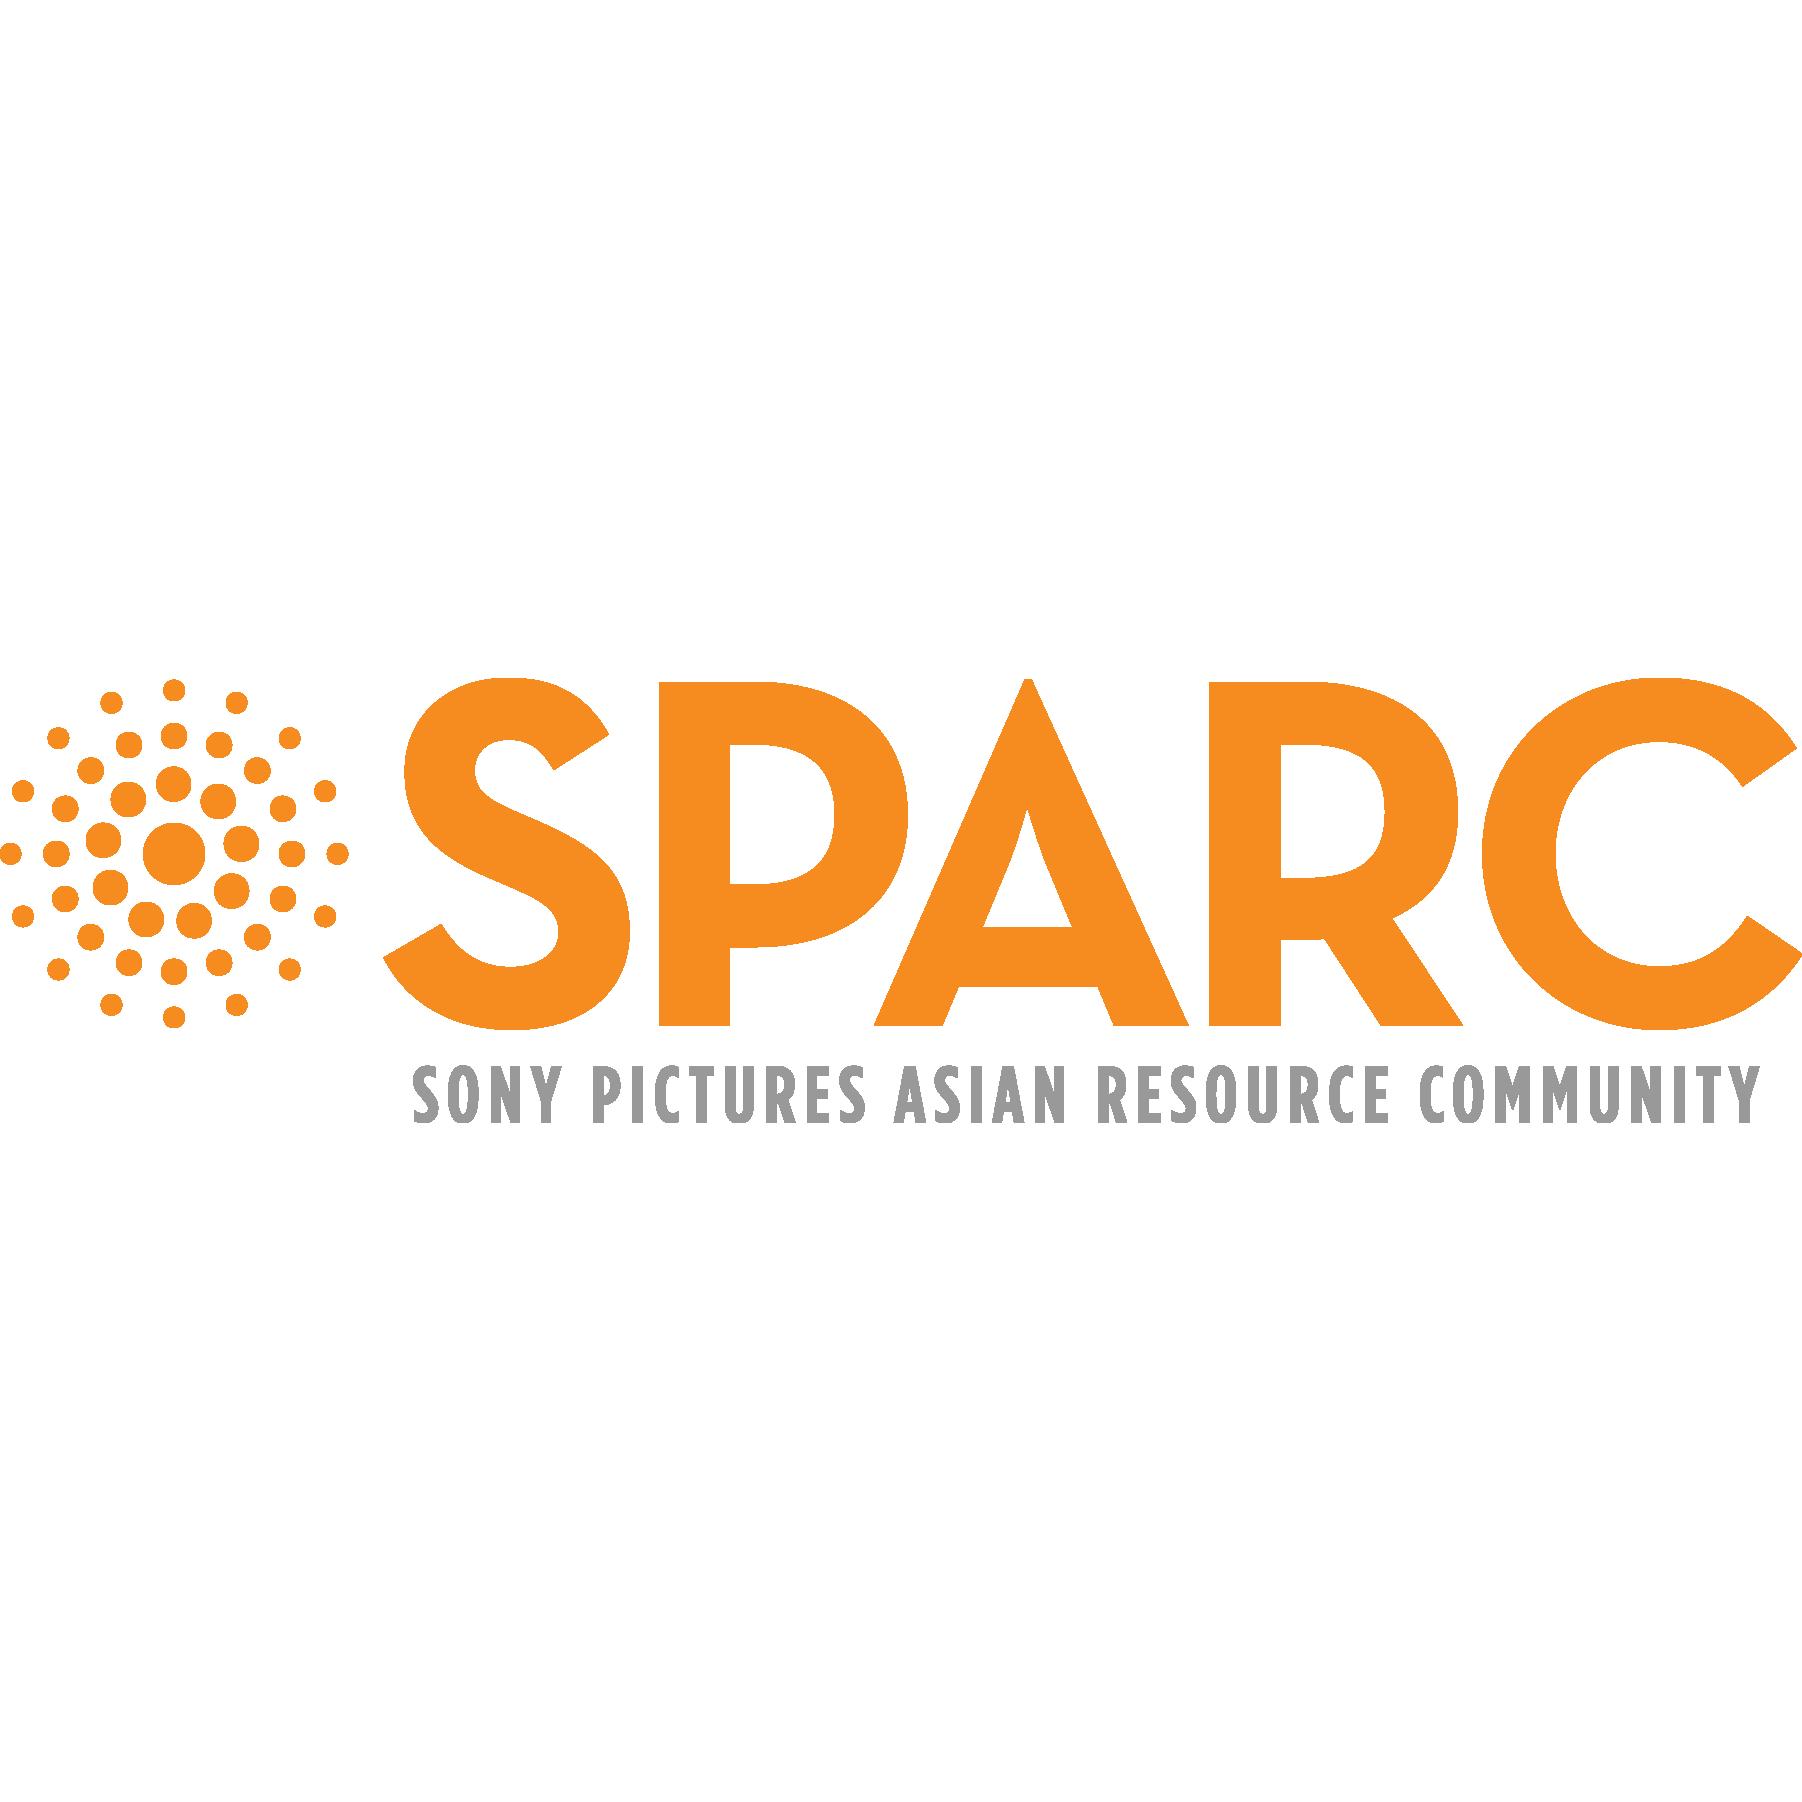 SparcLogo_OrangeGrey_sq.png